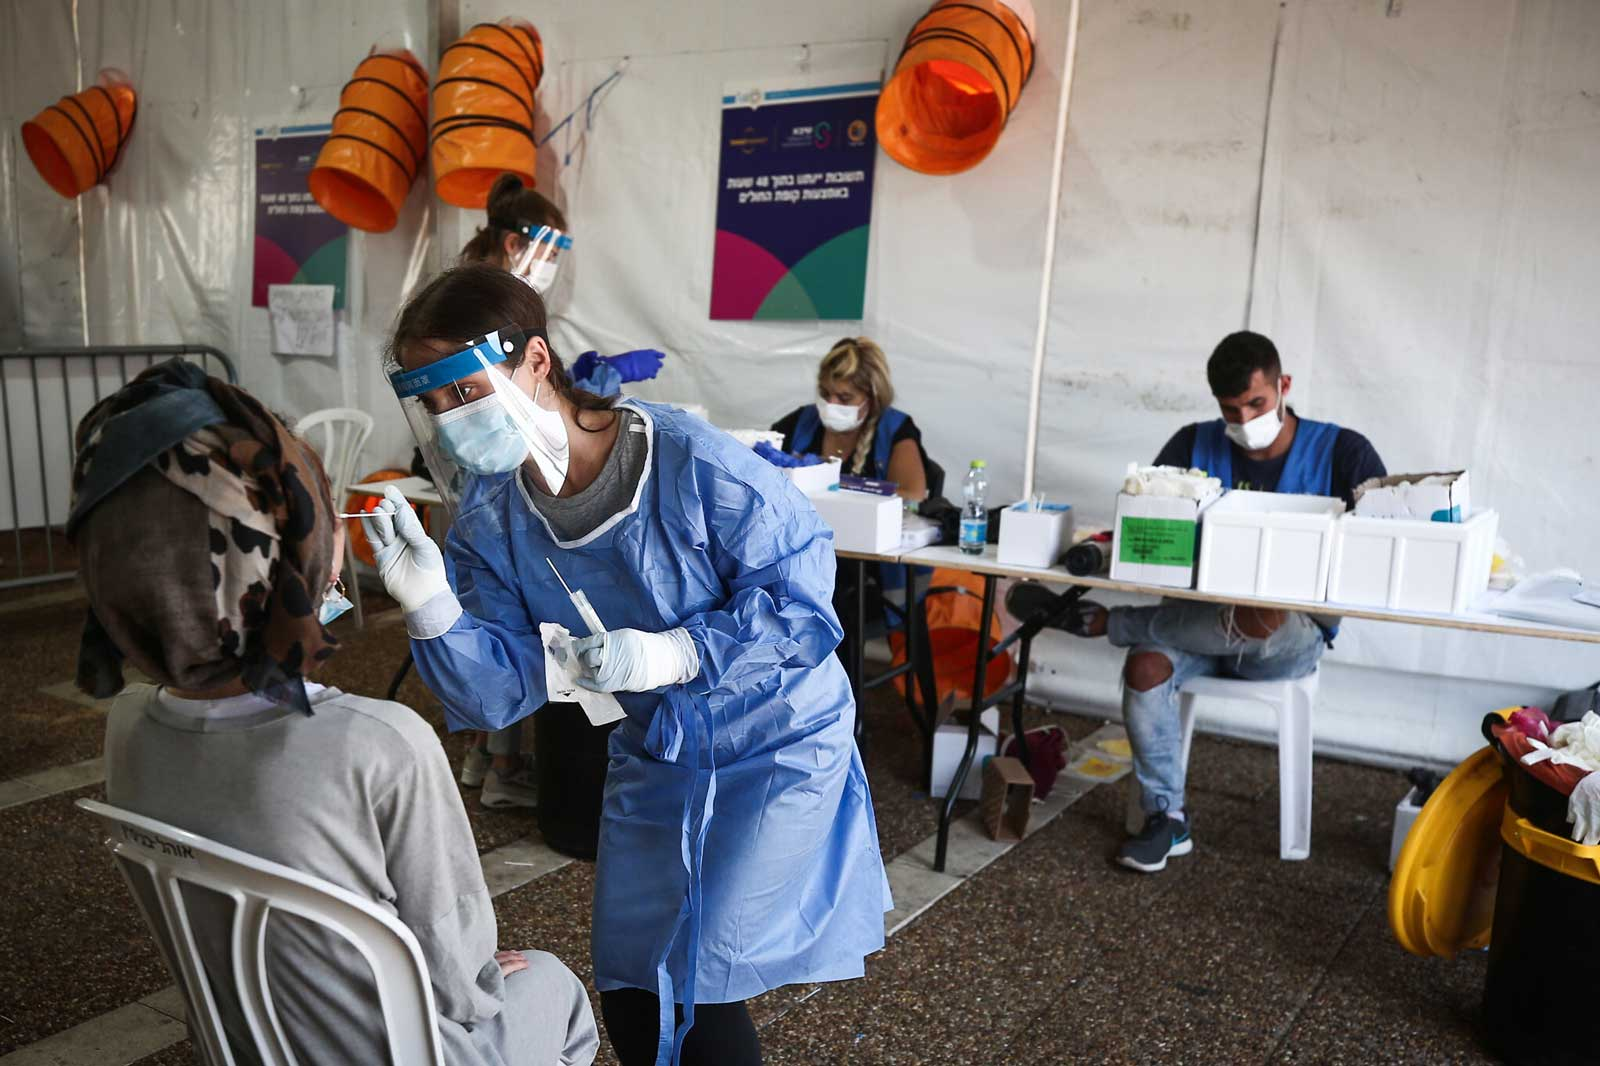 Israel registra más de 1300 nuevos casos de COVID